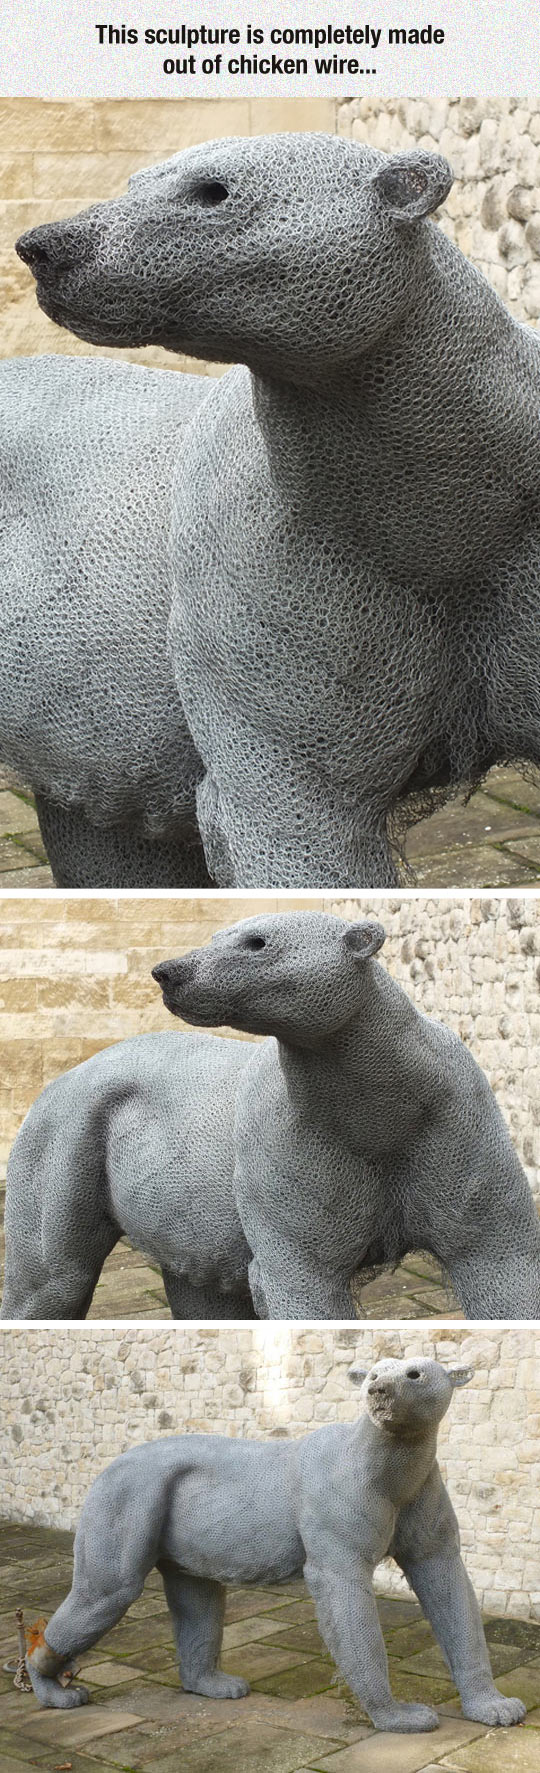 funny-Royal-Beasts-sculpture-Naga